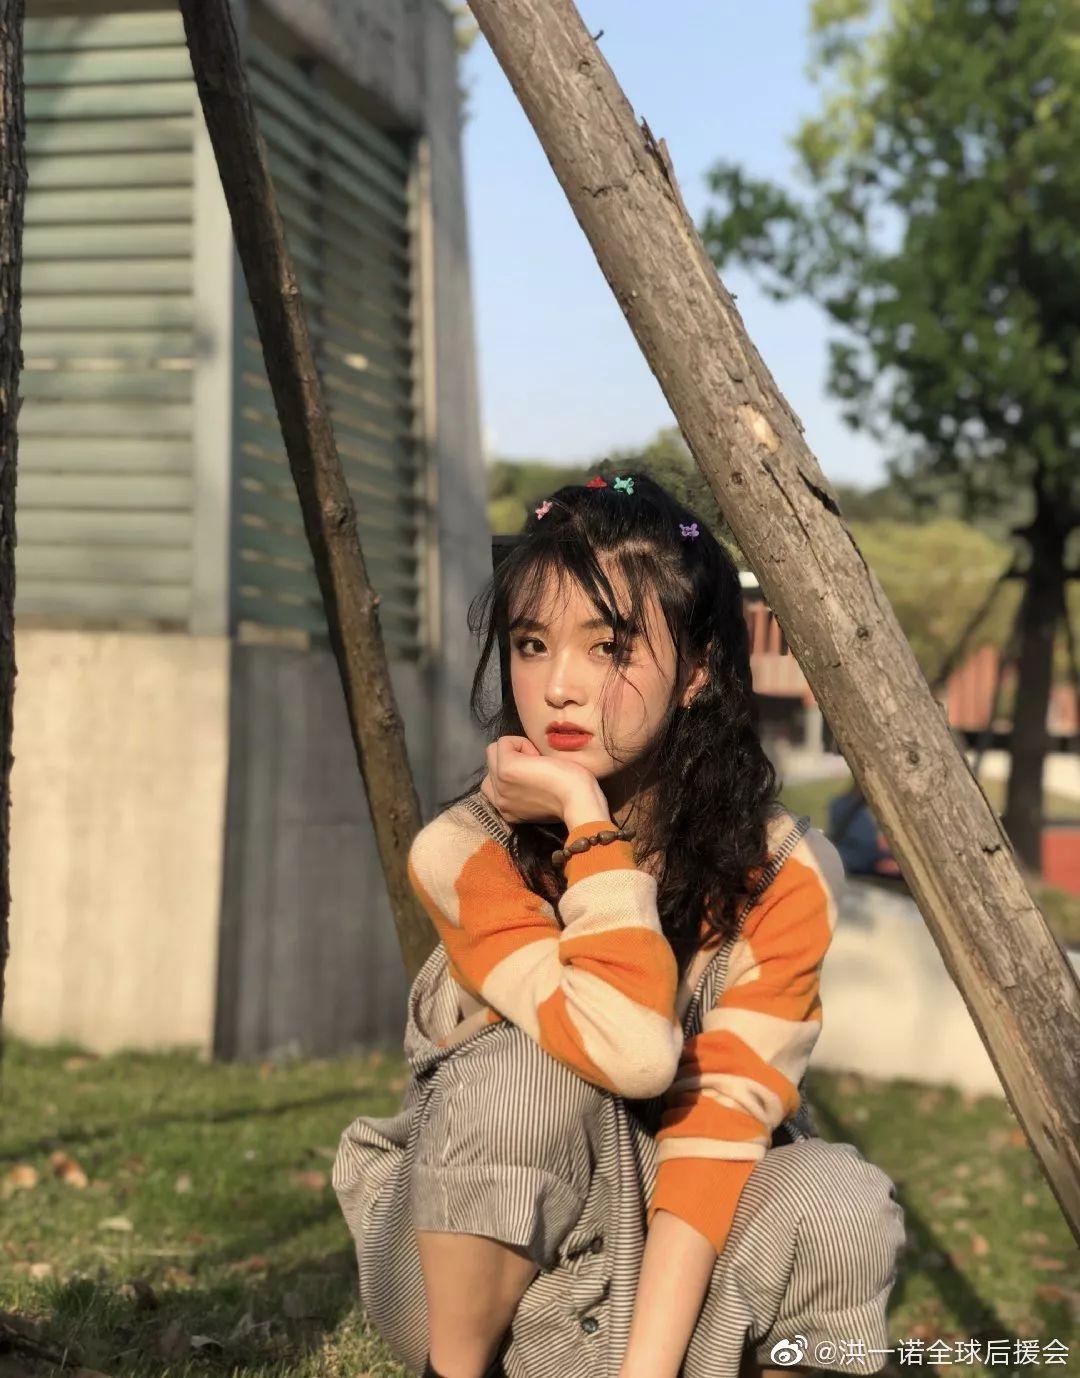 00后超强厂牌张钰琪、洪一诺,一个过分帅气,一个美到犯规